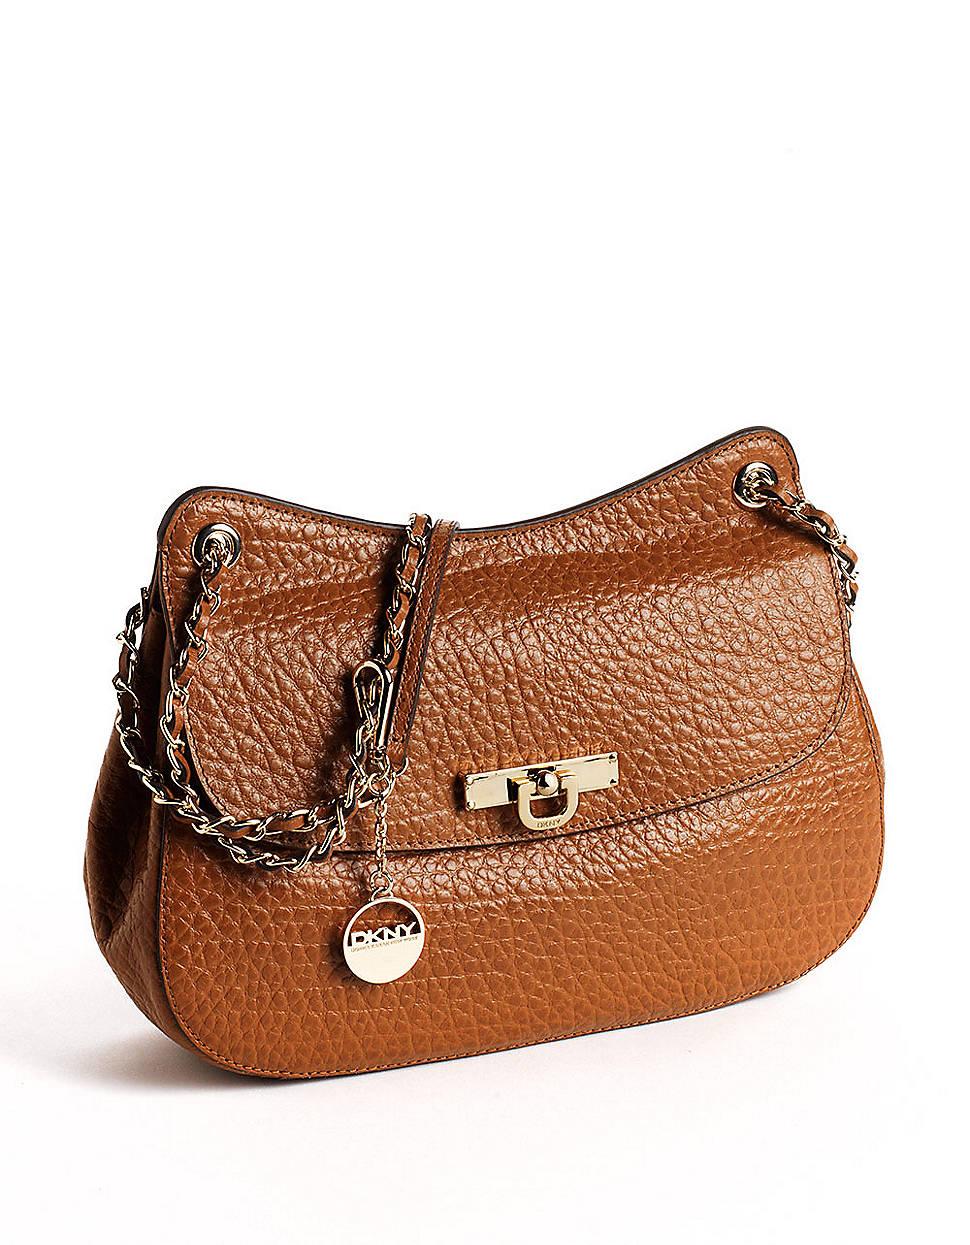 Dkny Beekman Top Zip Shoulder Bag Brown 97